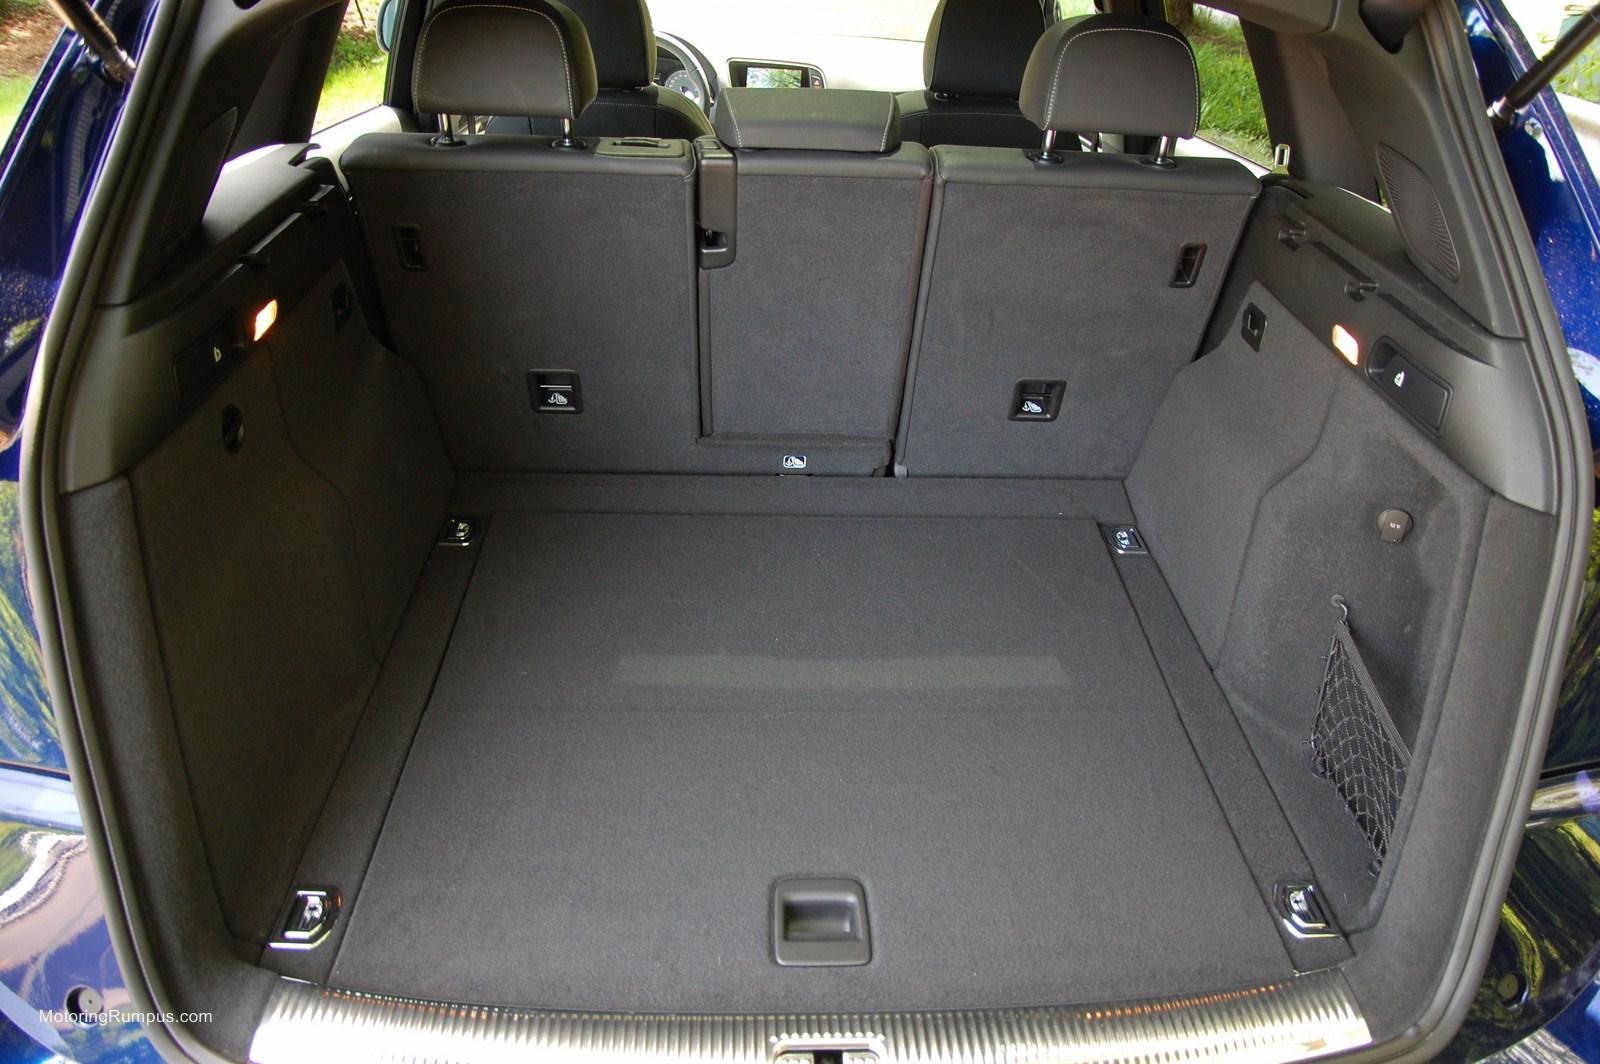 2014 Audi SQ5 Cargo Space